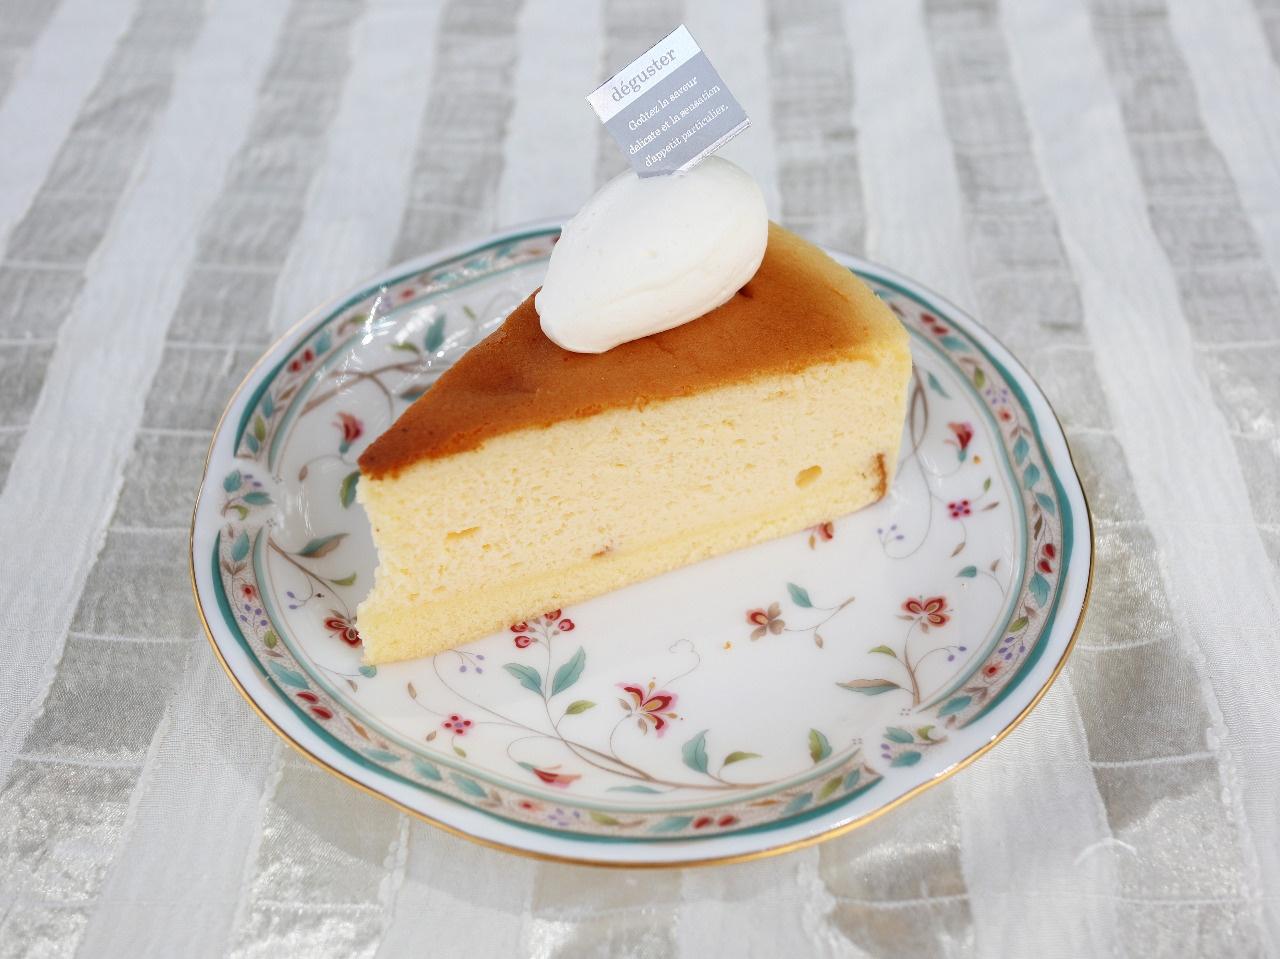 パルメザンスフレチーズケーキ